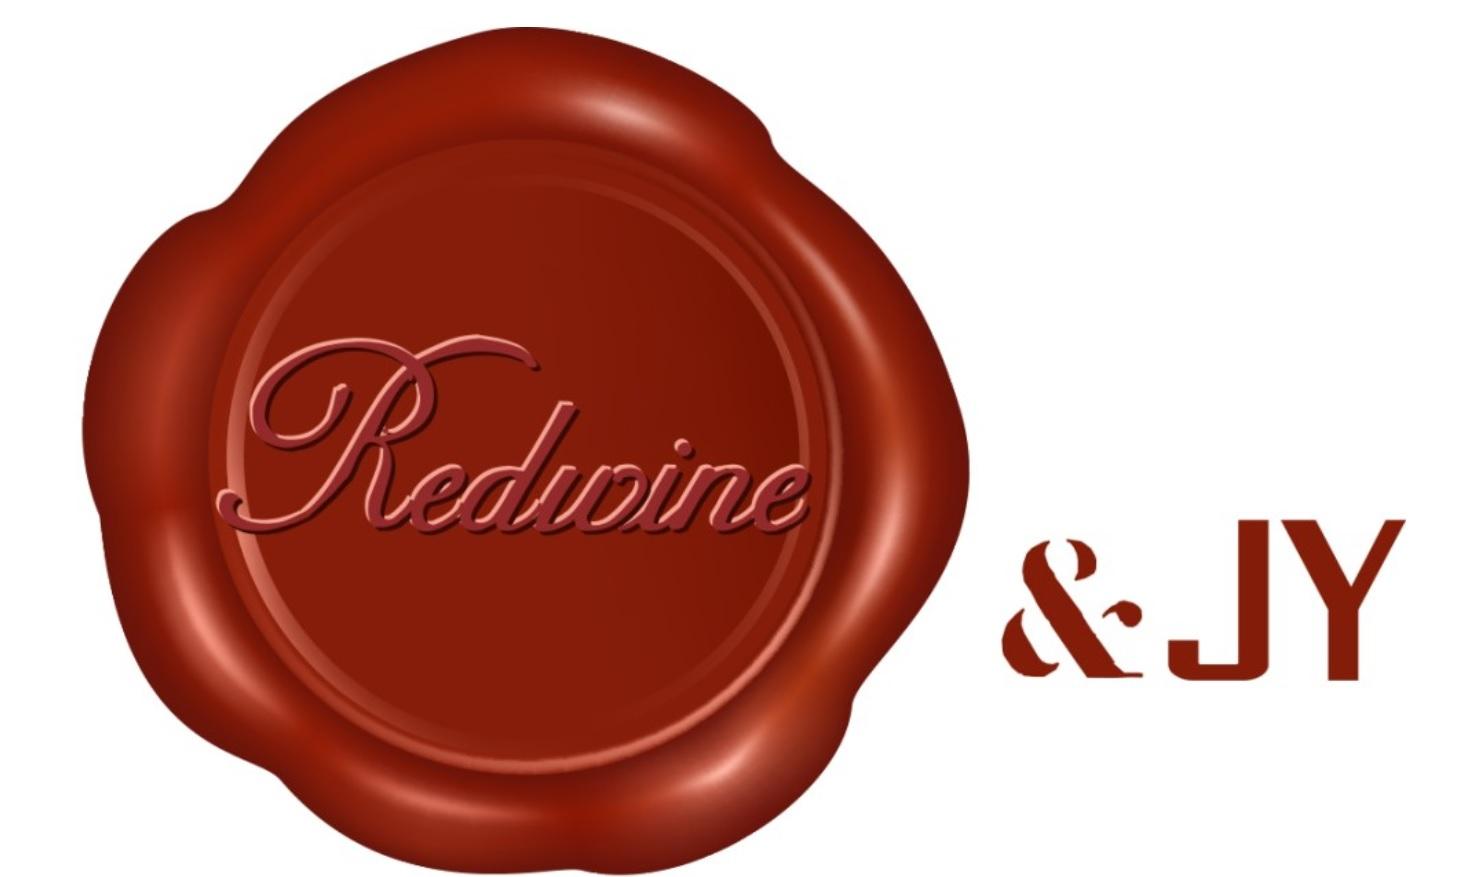 RedWine & Jy importateur participant régulièrement au événements Break Events Group